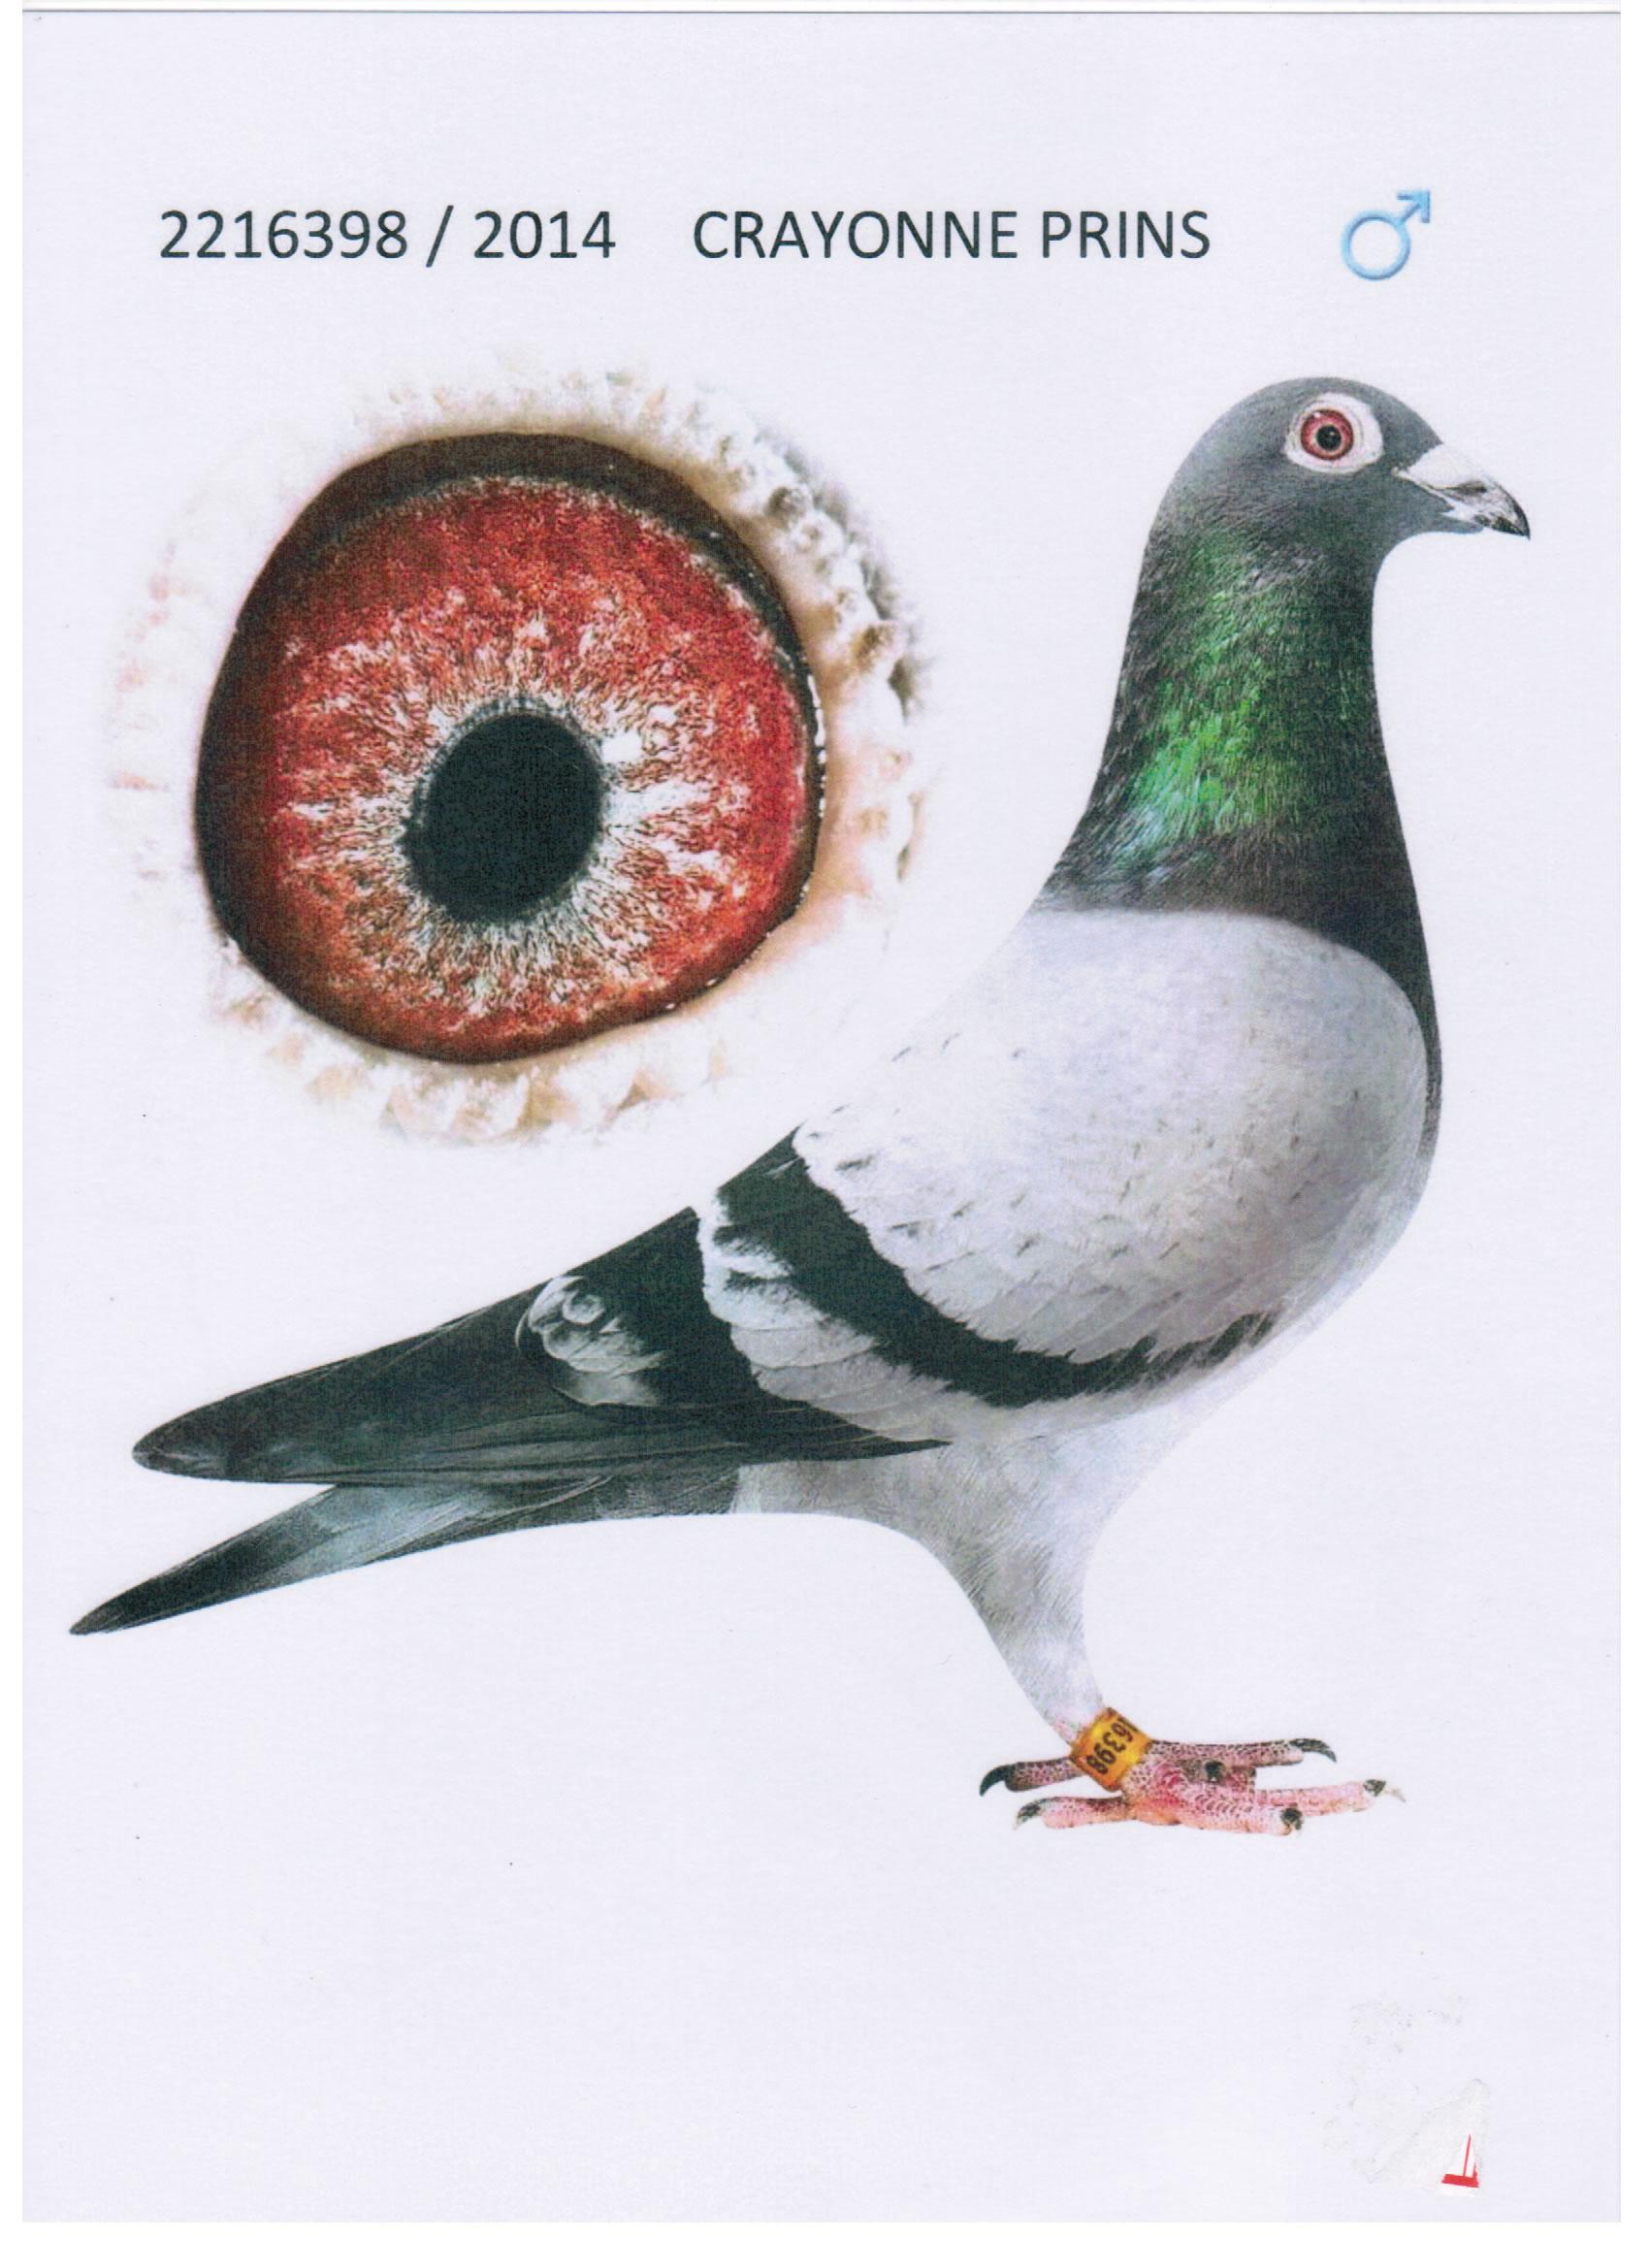 戈马利毛脚种鸽图片